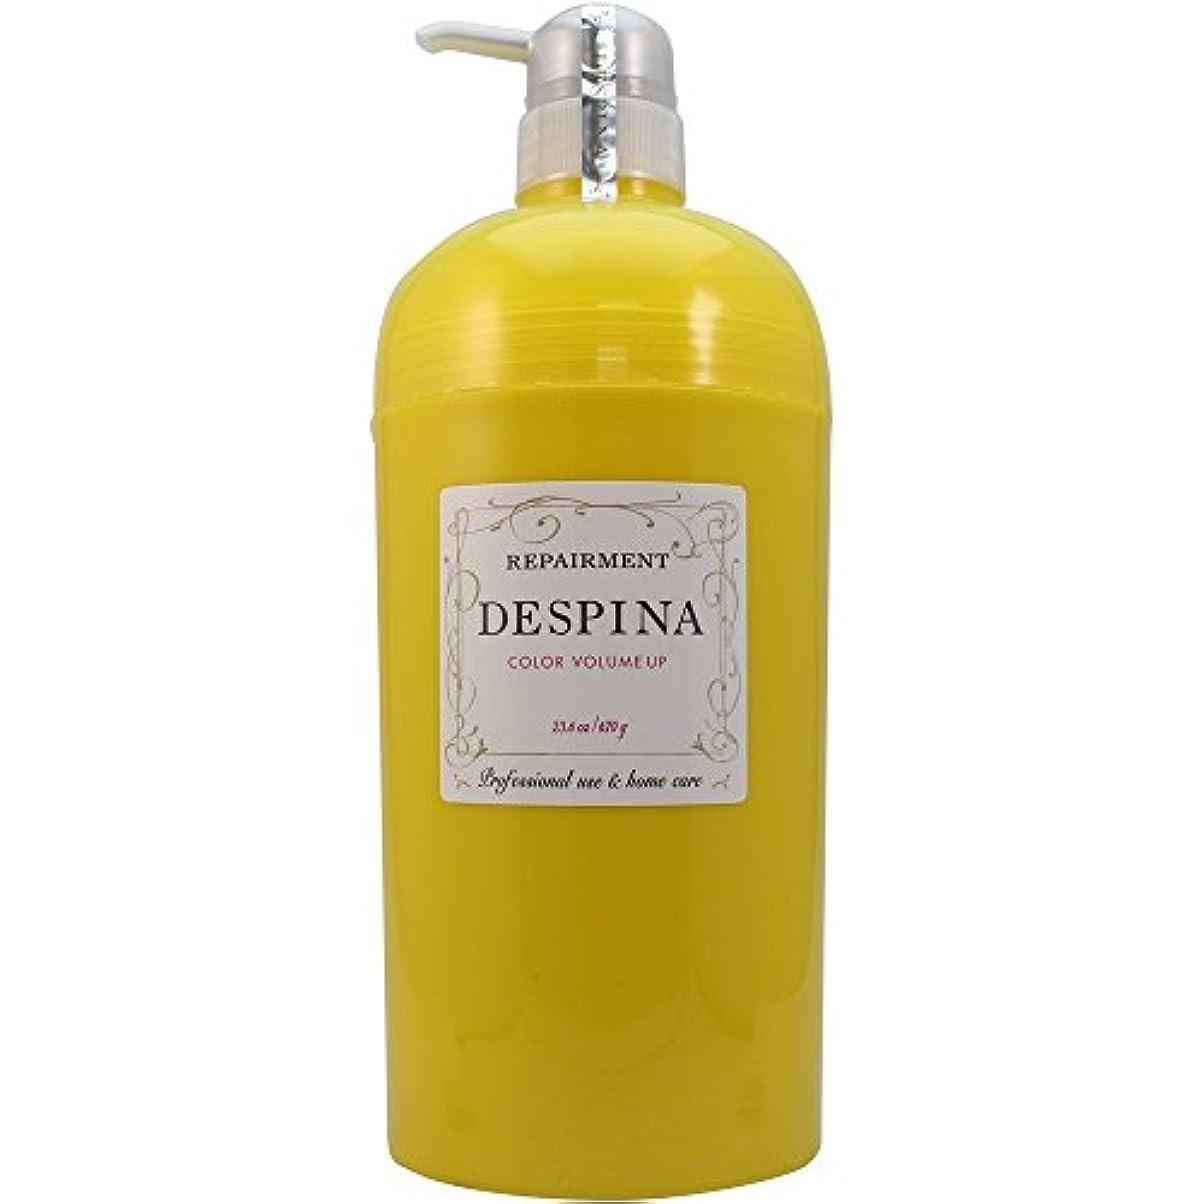 シリアル吹きさらし傑作中野製薬 デスピナ リペアメント カラー ボリュームアップ 670g